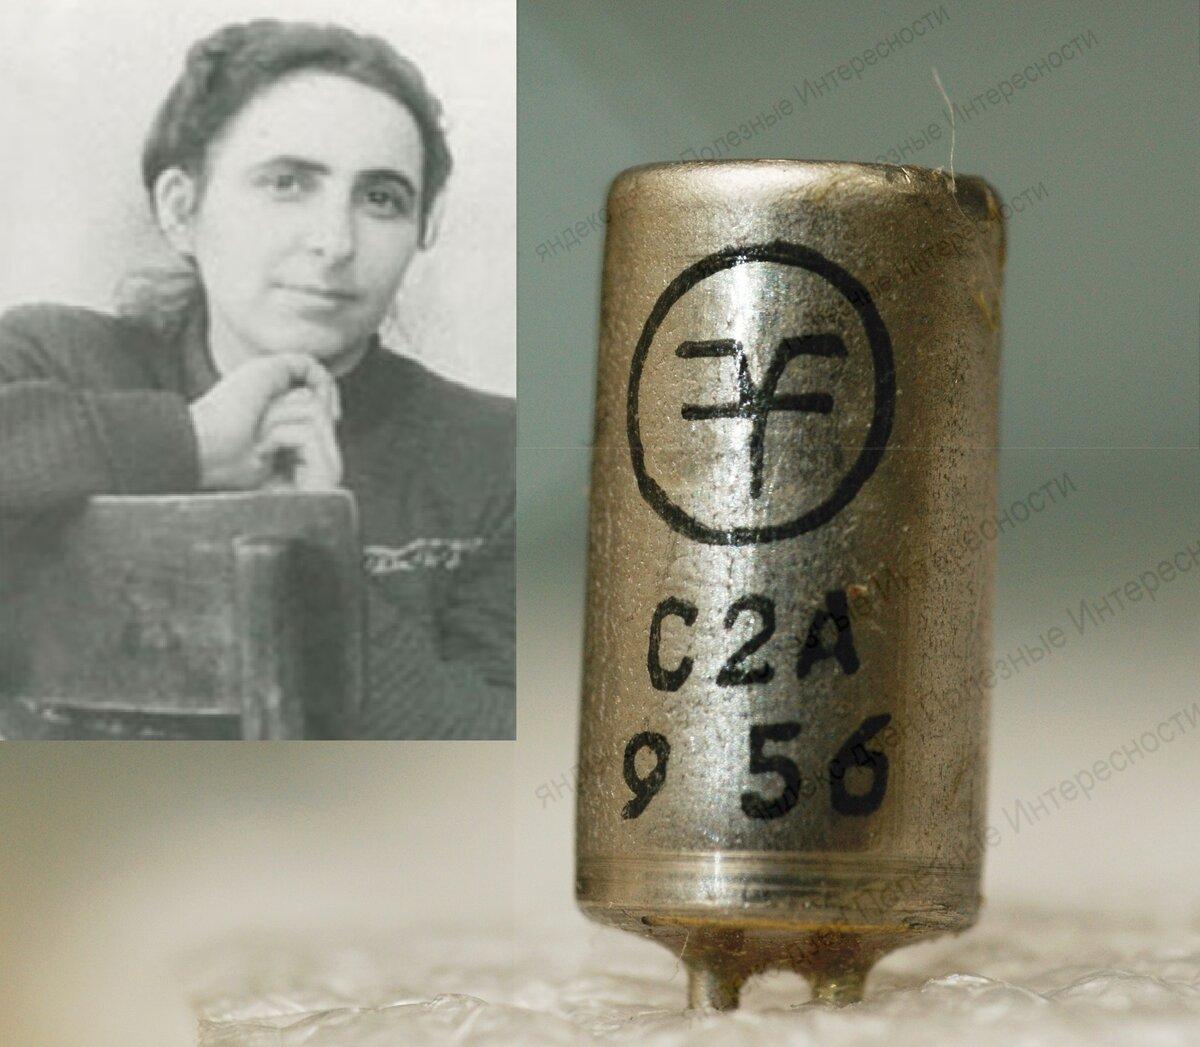 Почему у первого транзистора СССР была только мама?